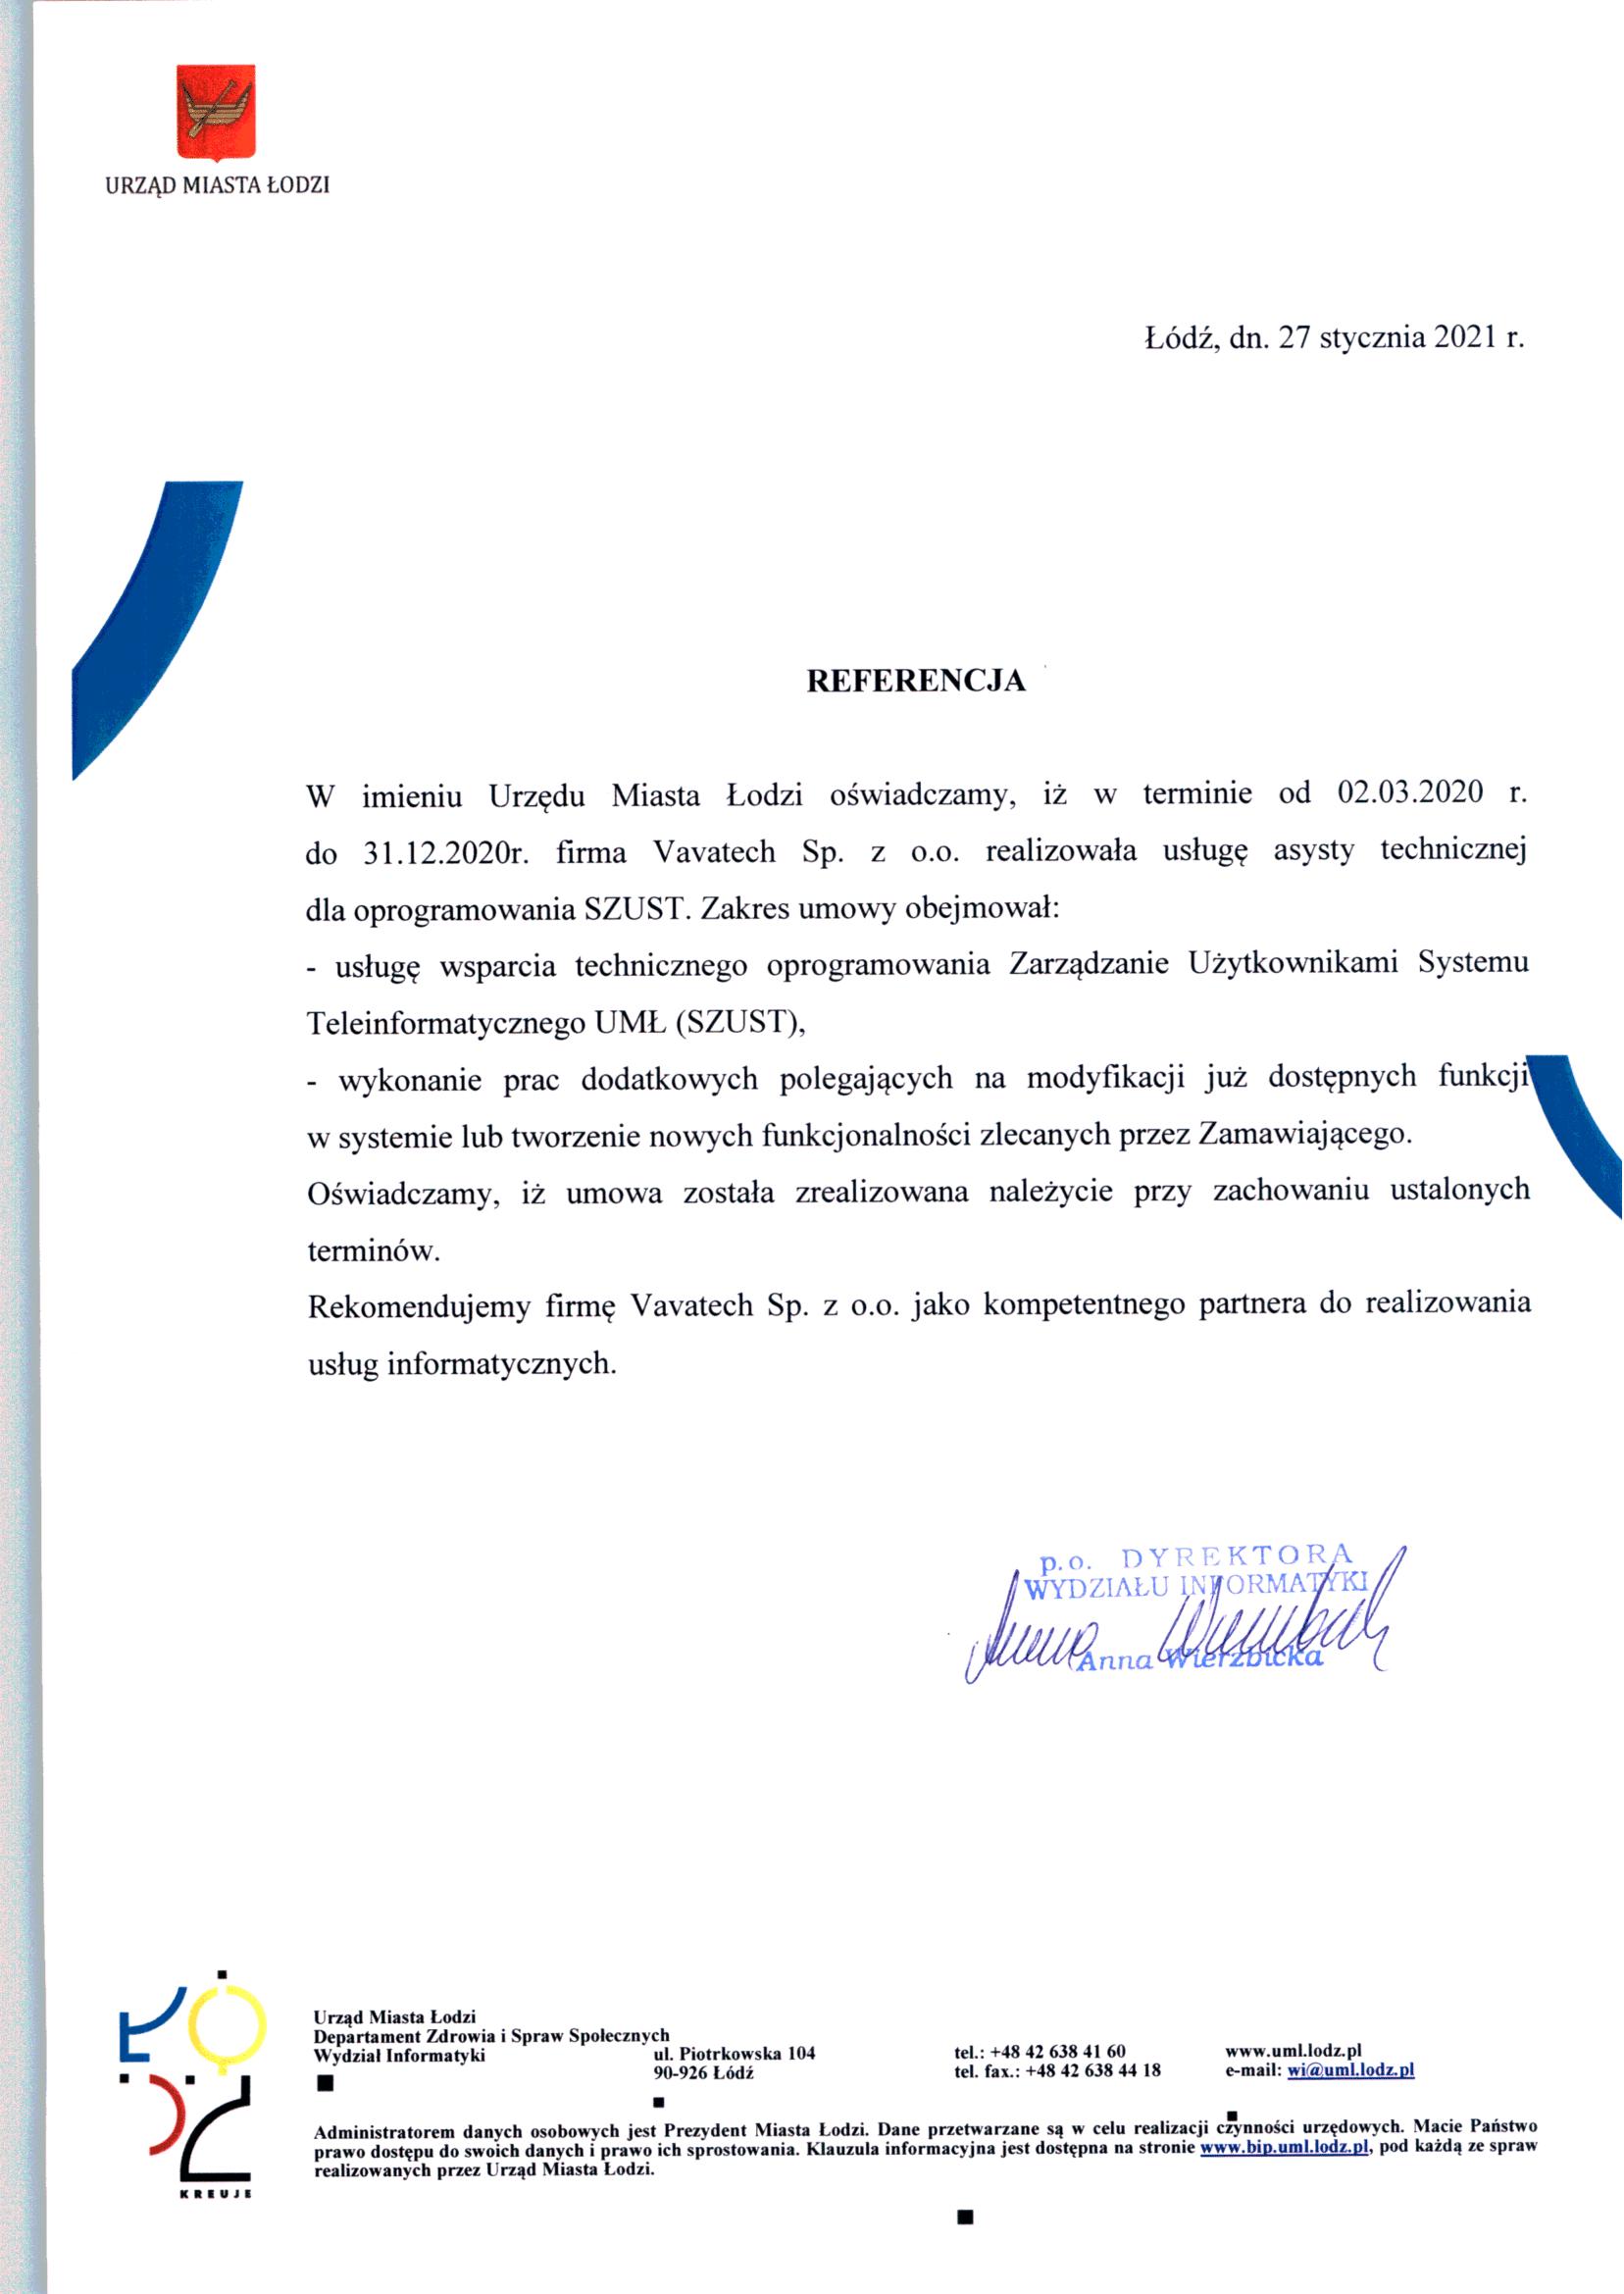 Urząd Miast Łodzi - >Asysta techniczna dla oprogramowania SZUST